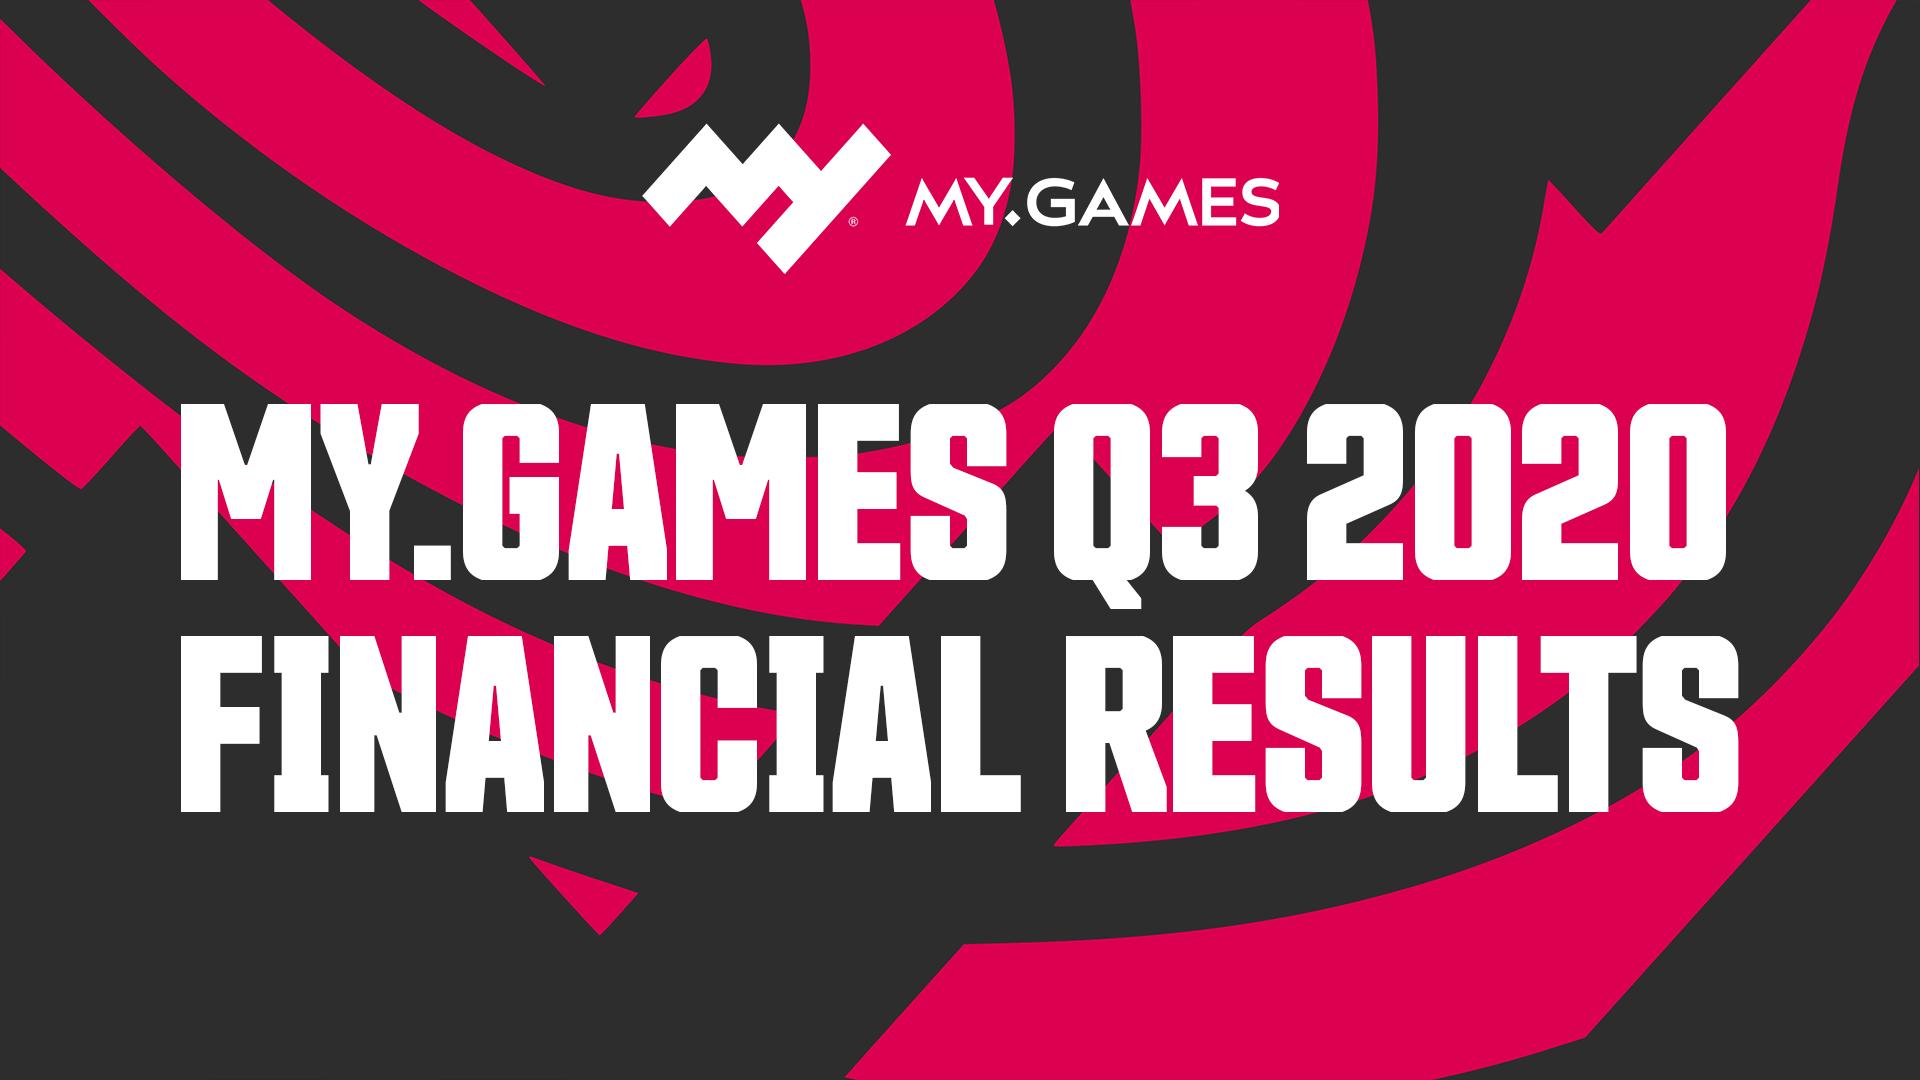 MY.GAMES 第三季度收入增长 33% 《零度城市》在中国大受欢迎